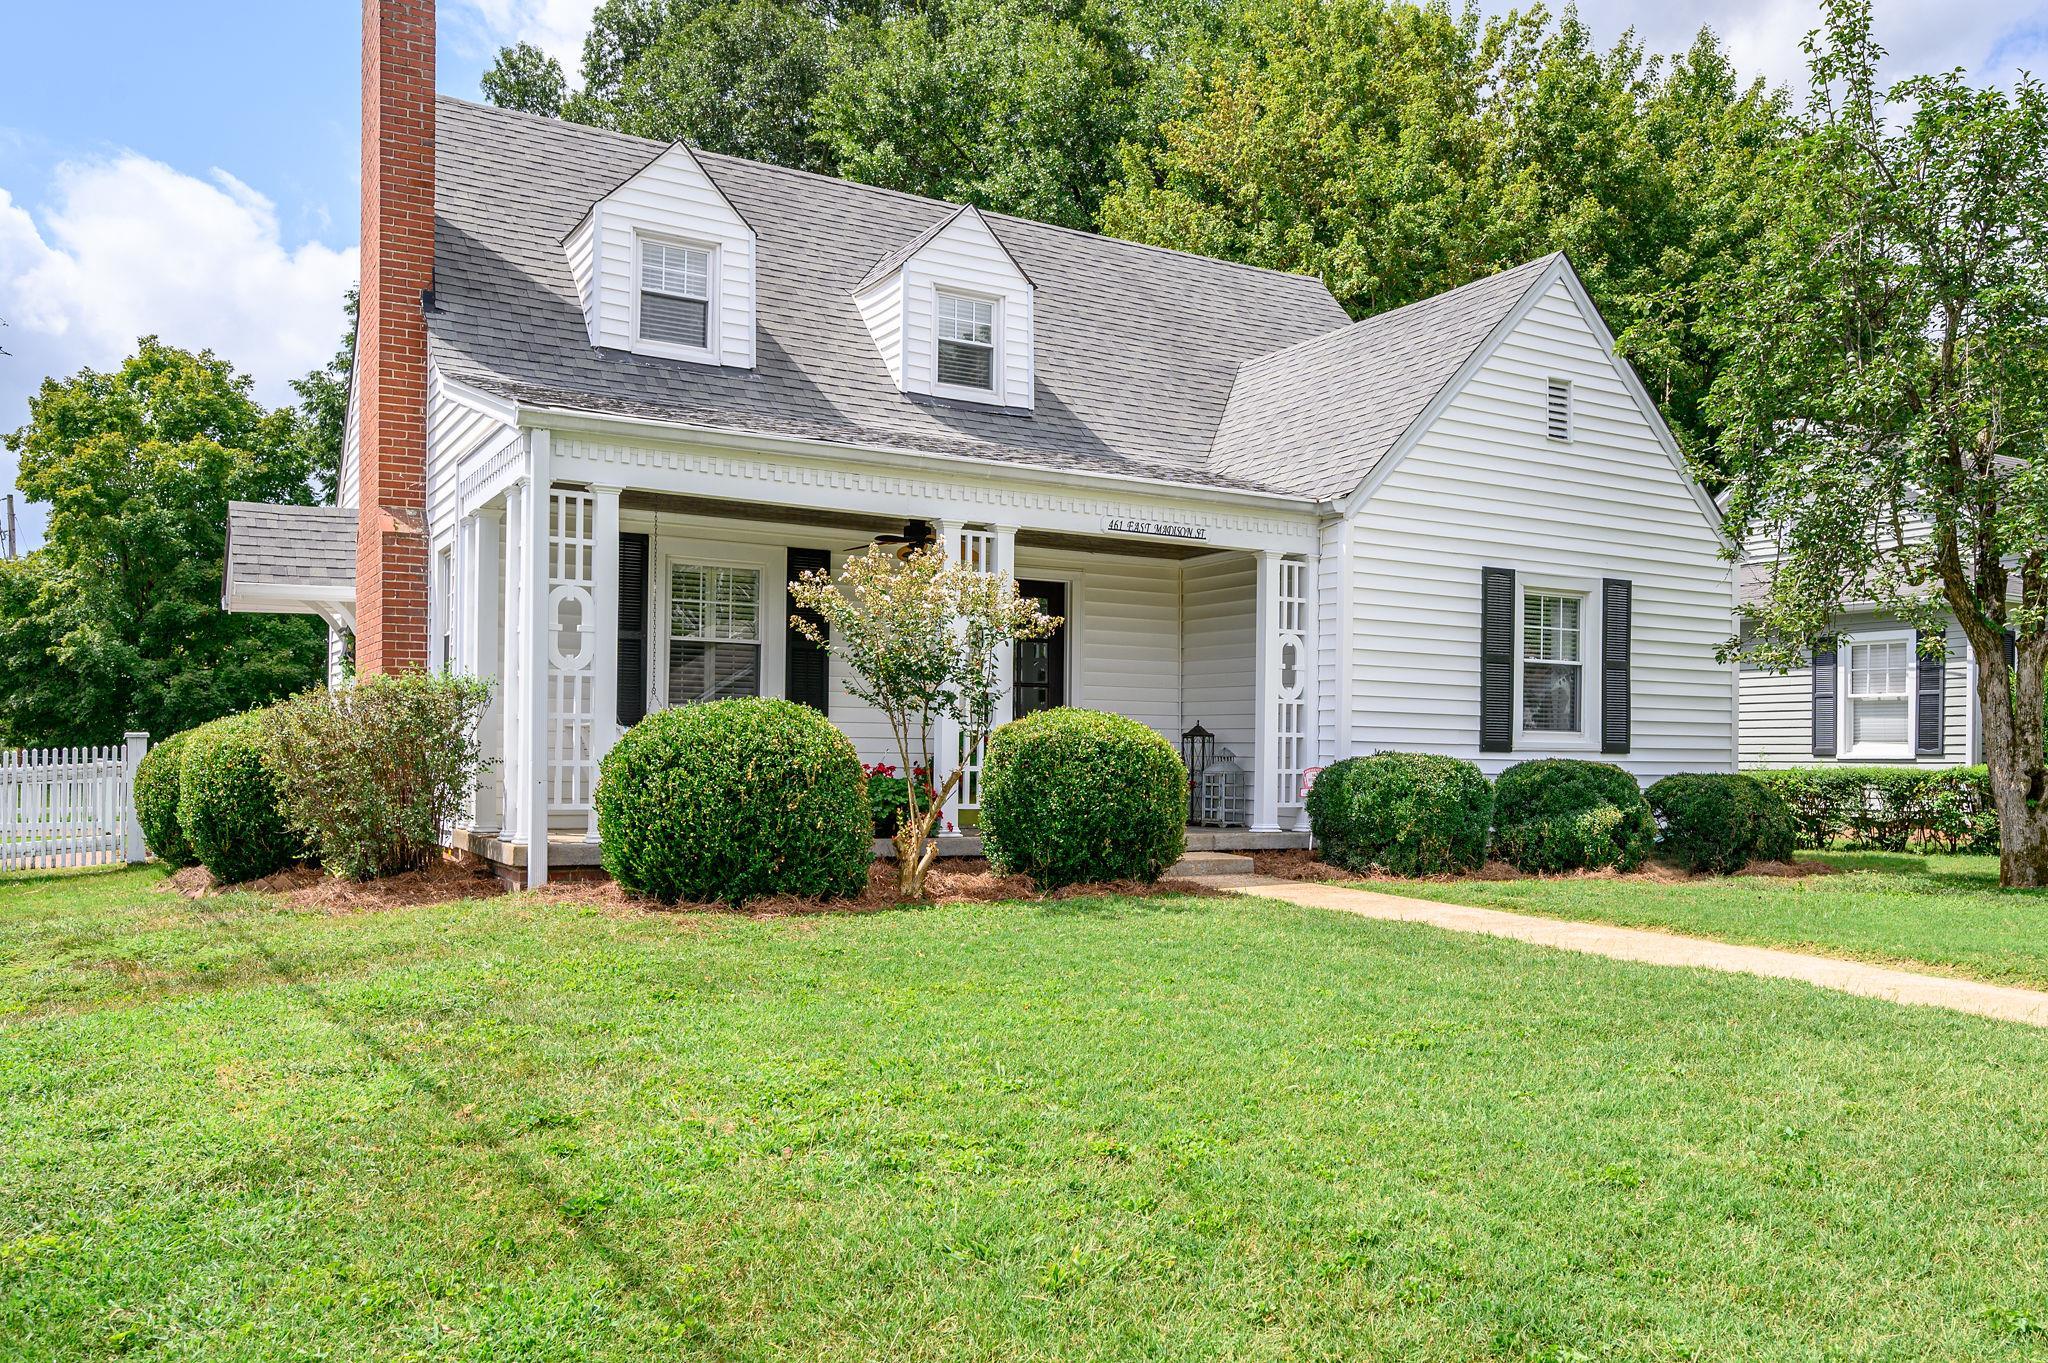 461 E Madison St, Pulaski, TN 38478 - Pulaski, TN real estate listing